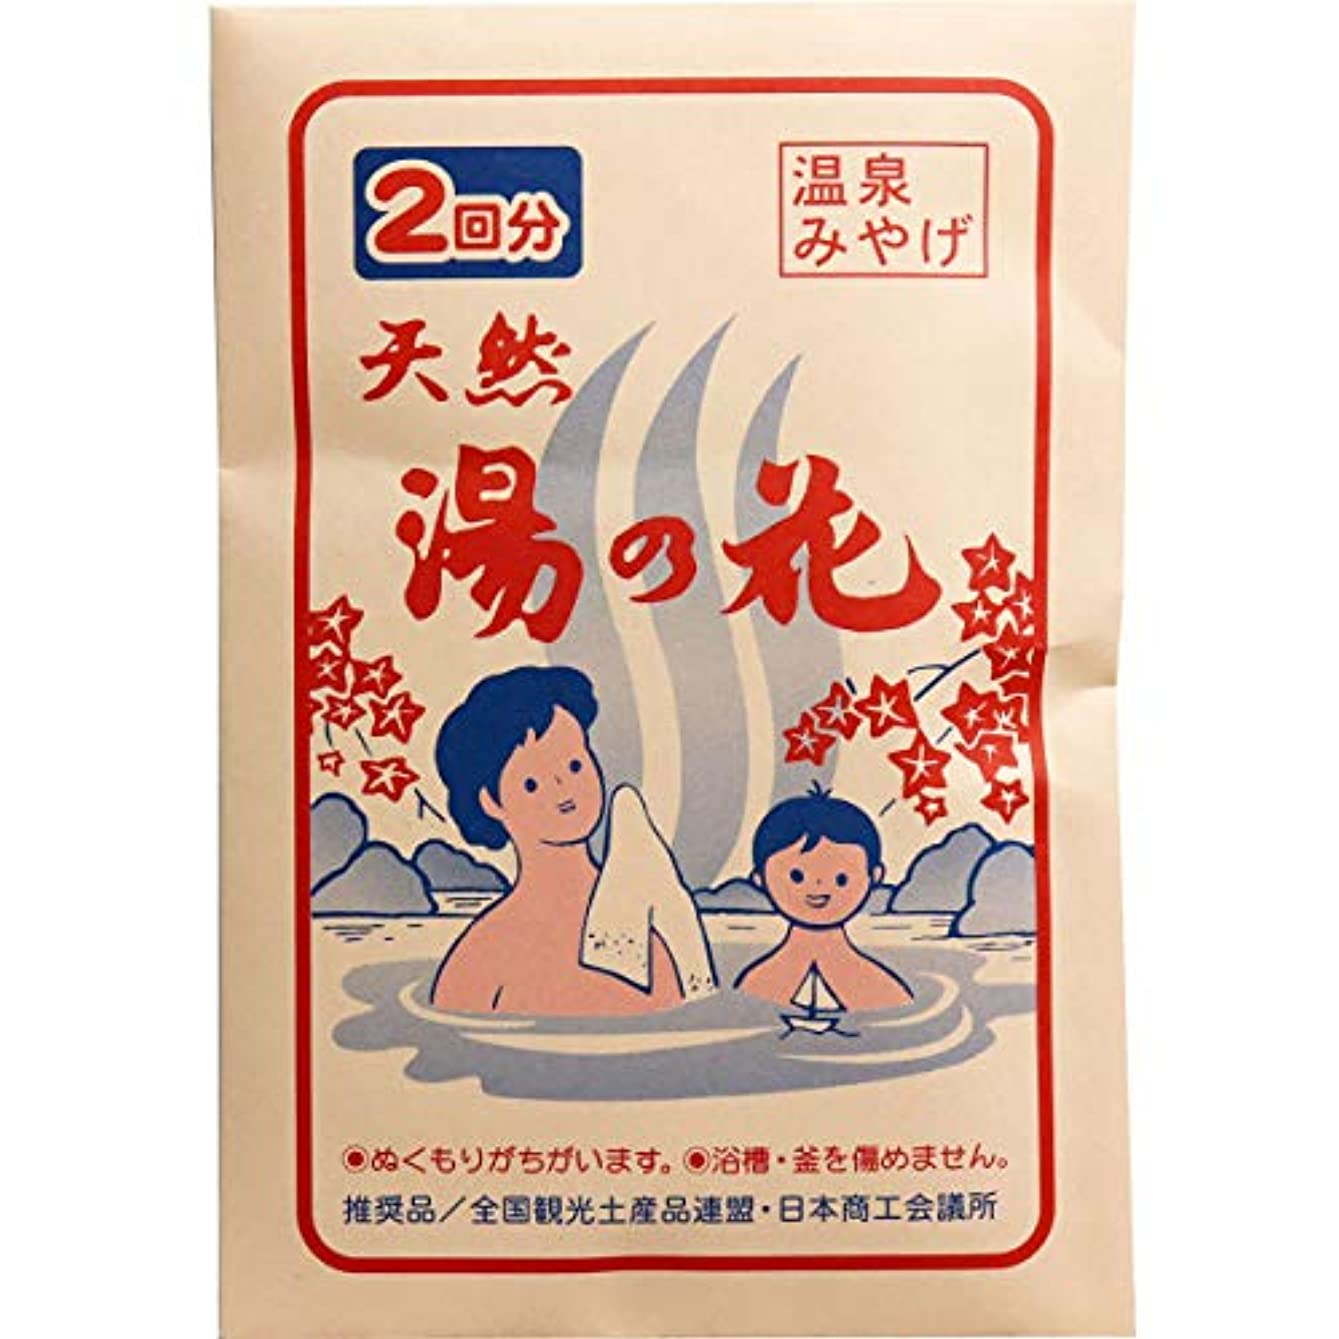 公爵不完全くるくる天然湯の花 小袋分包2回分 KA-2 15g×2包入